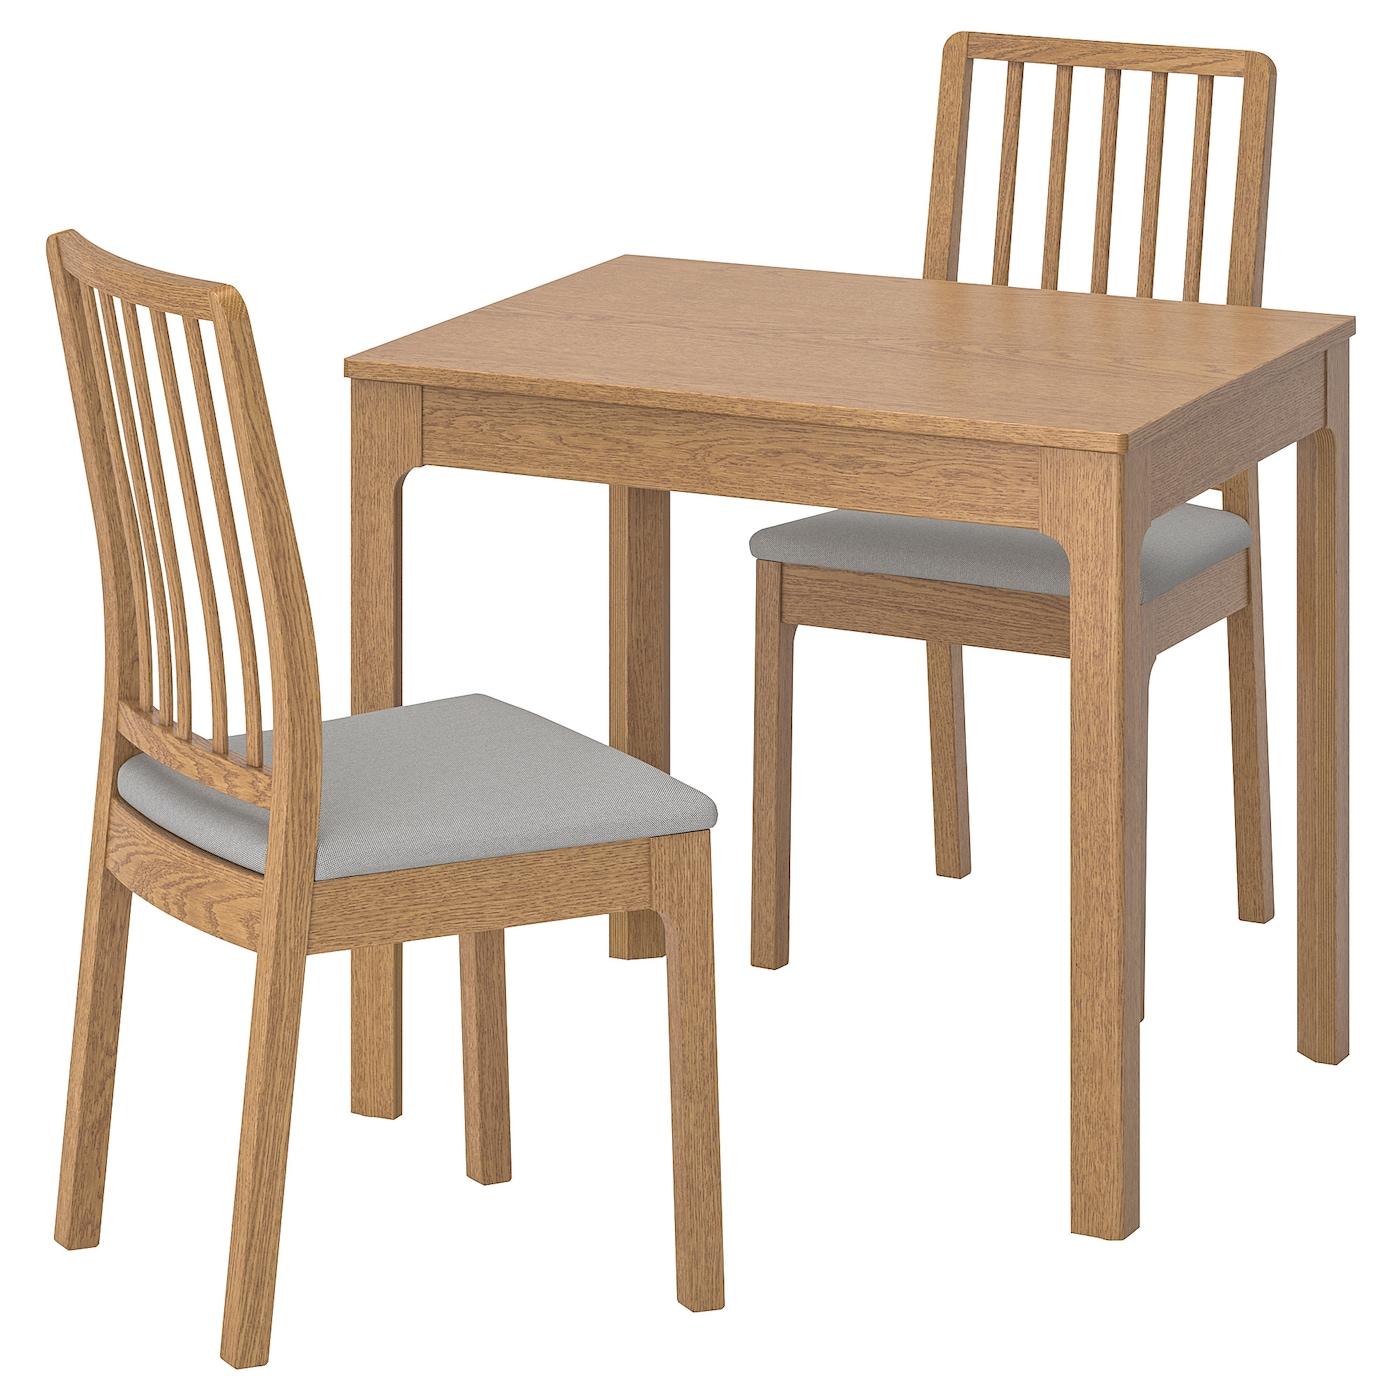 EKEDALEN / EKEDALEN, Tisch und 2 Stühle, Eiche, hellgrau 992.213.90